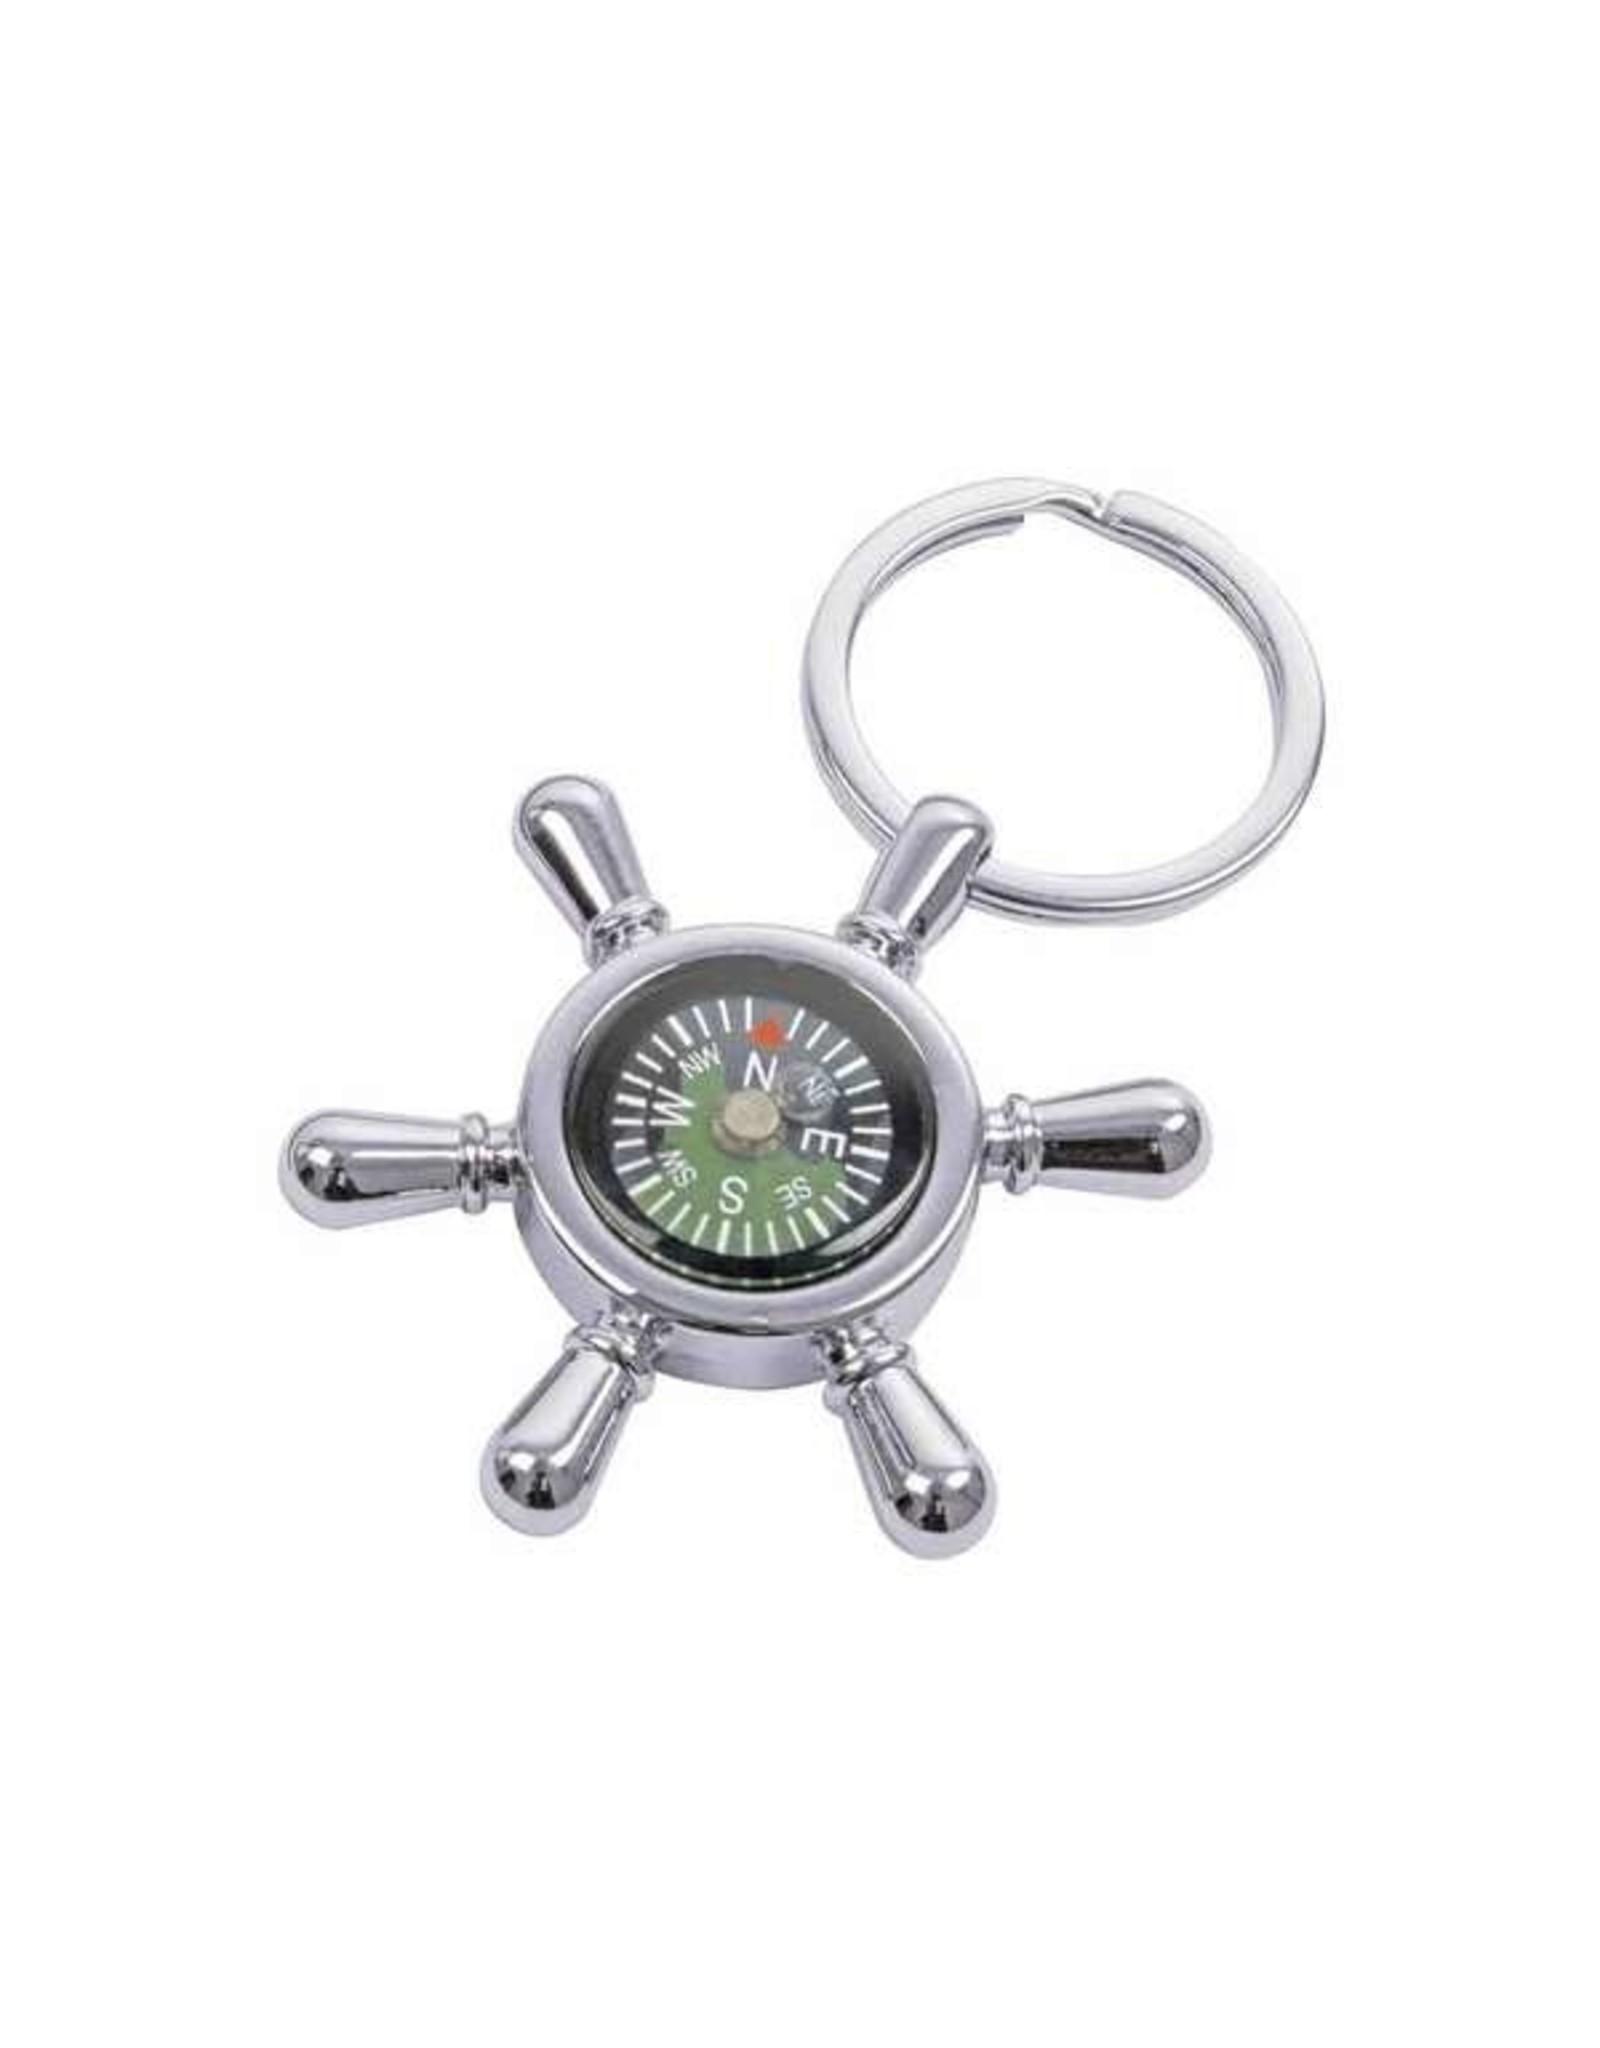 BB BB sleutelhanger kompas